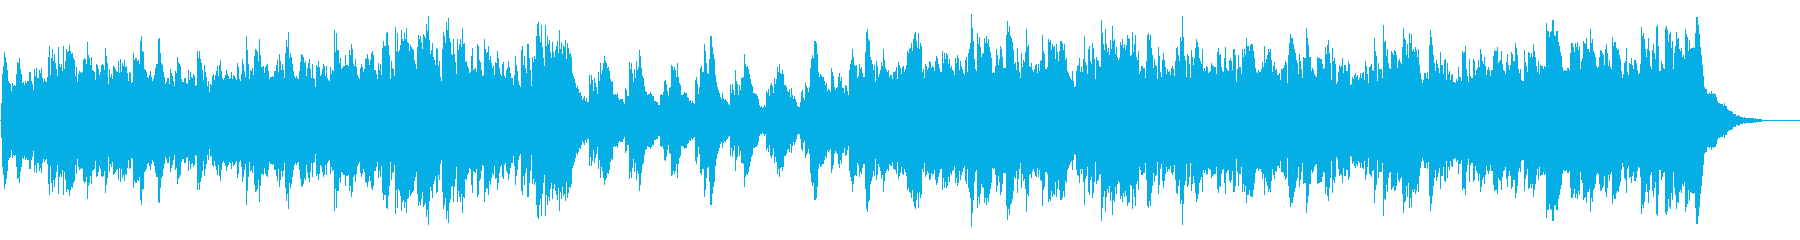 静かな冬のイメージのピアノのBGMの再生済みの波形